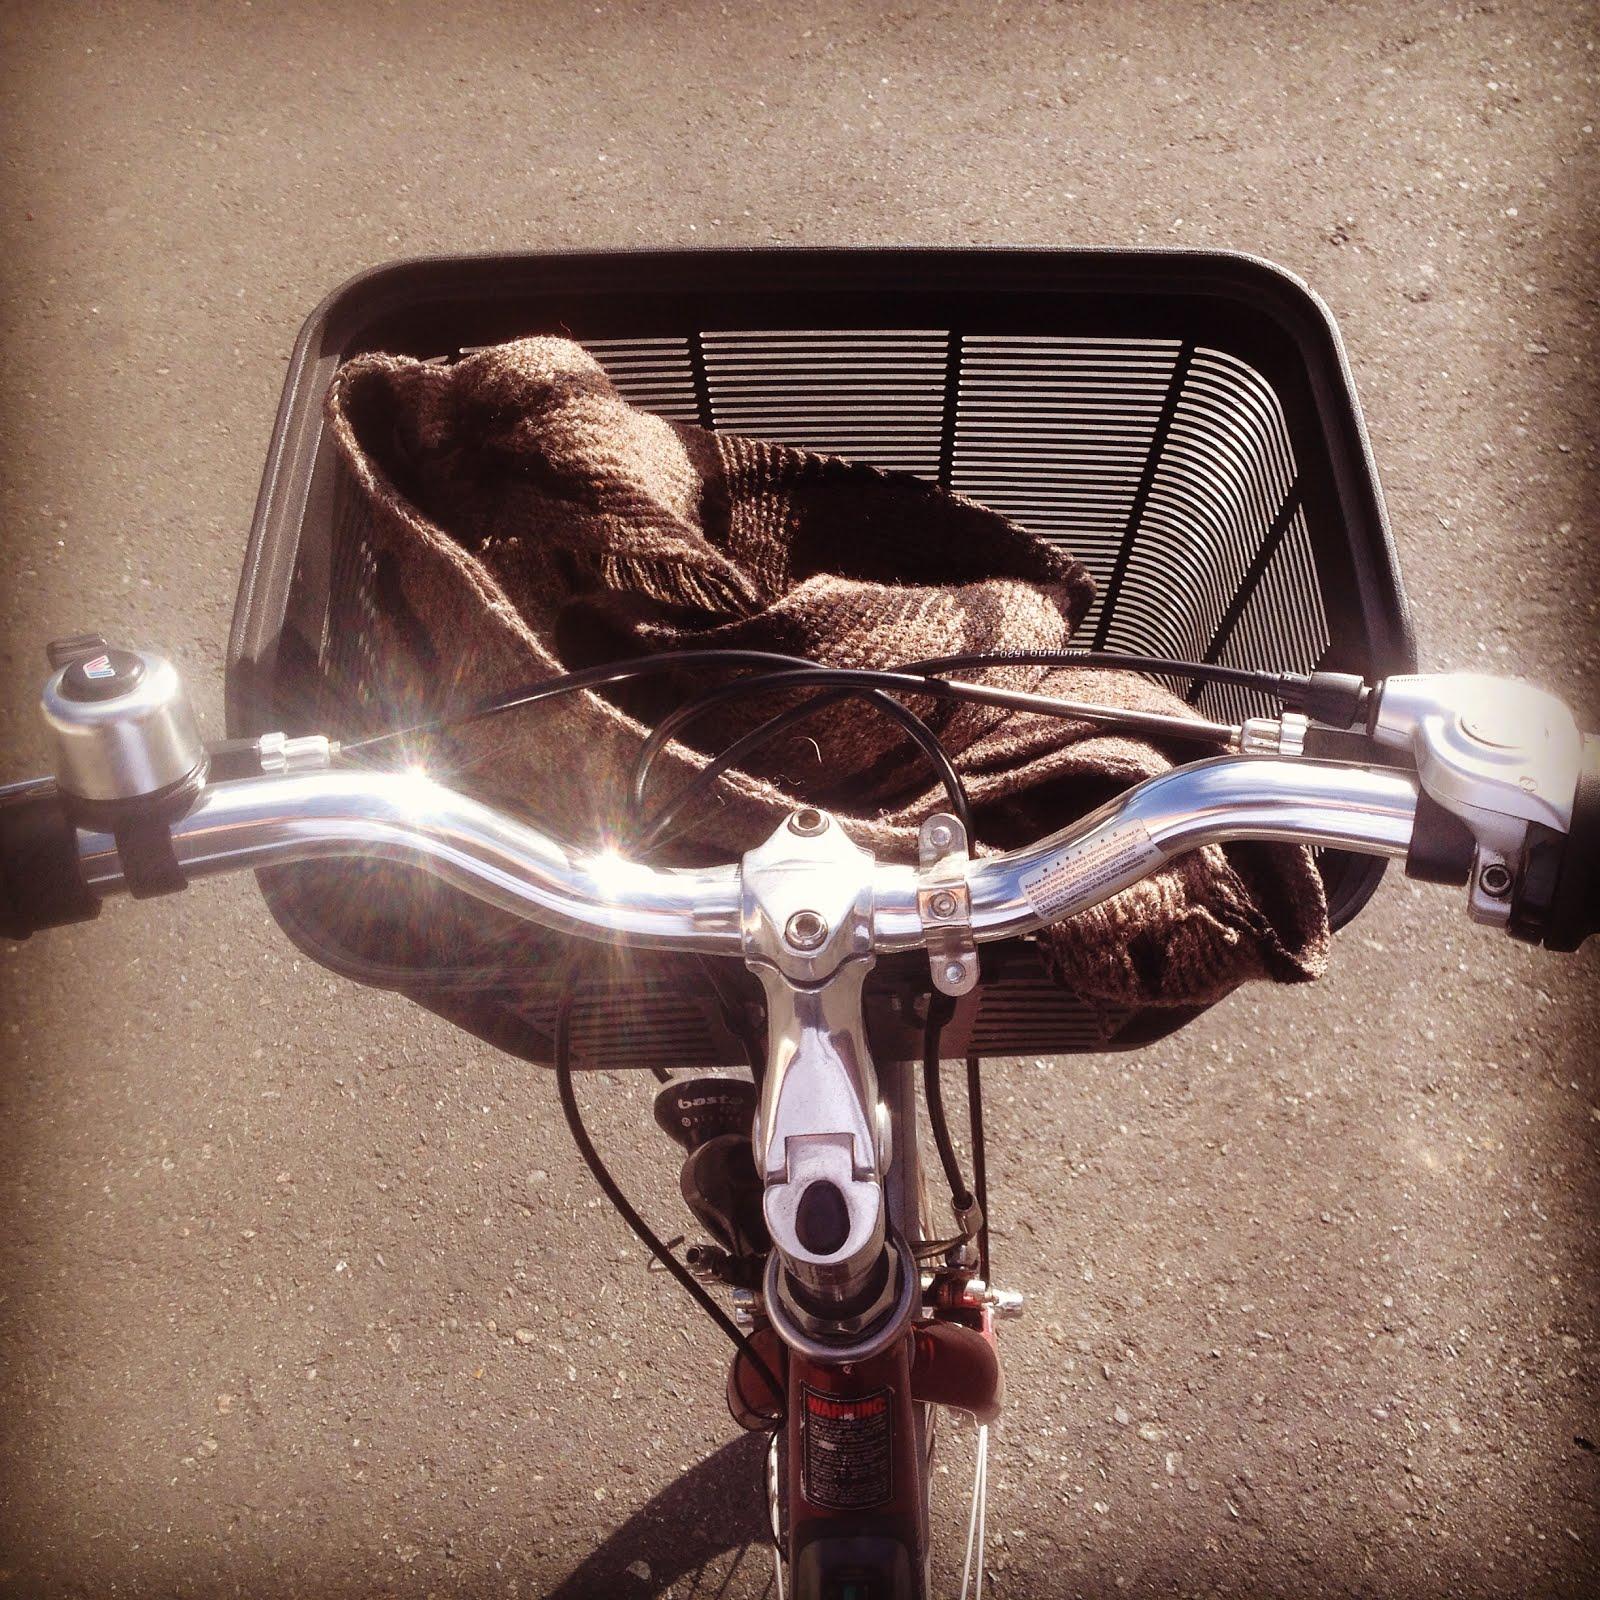 La cesta de la bicicleta